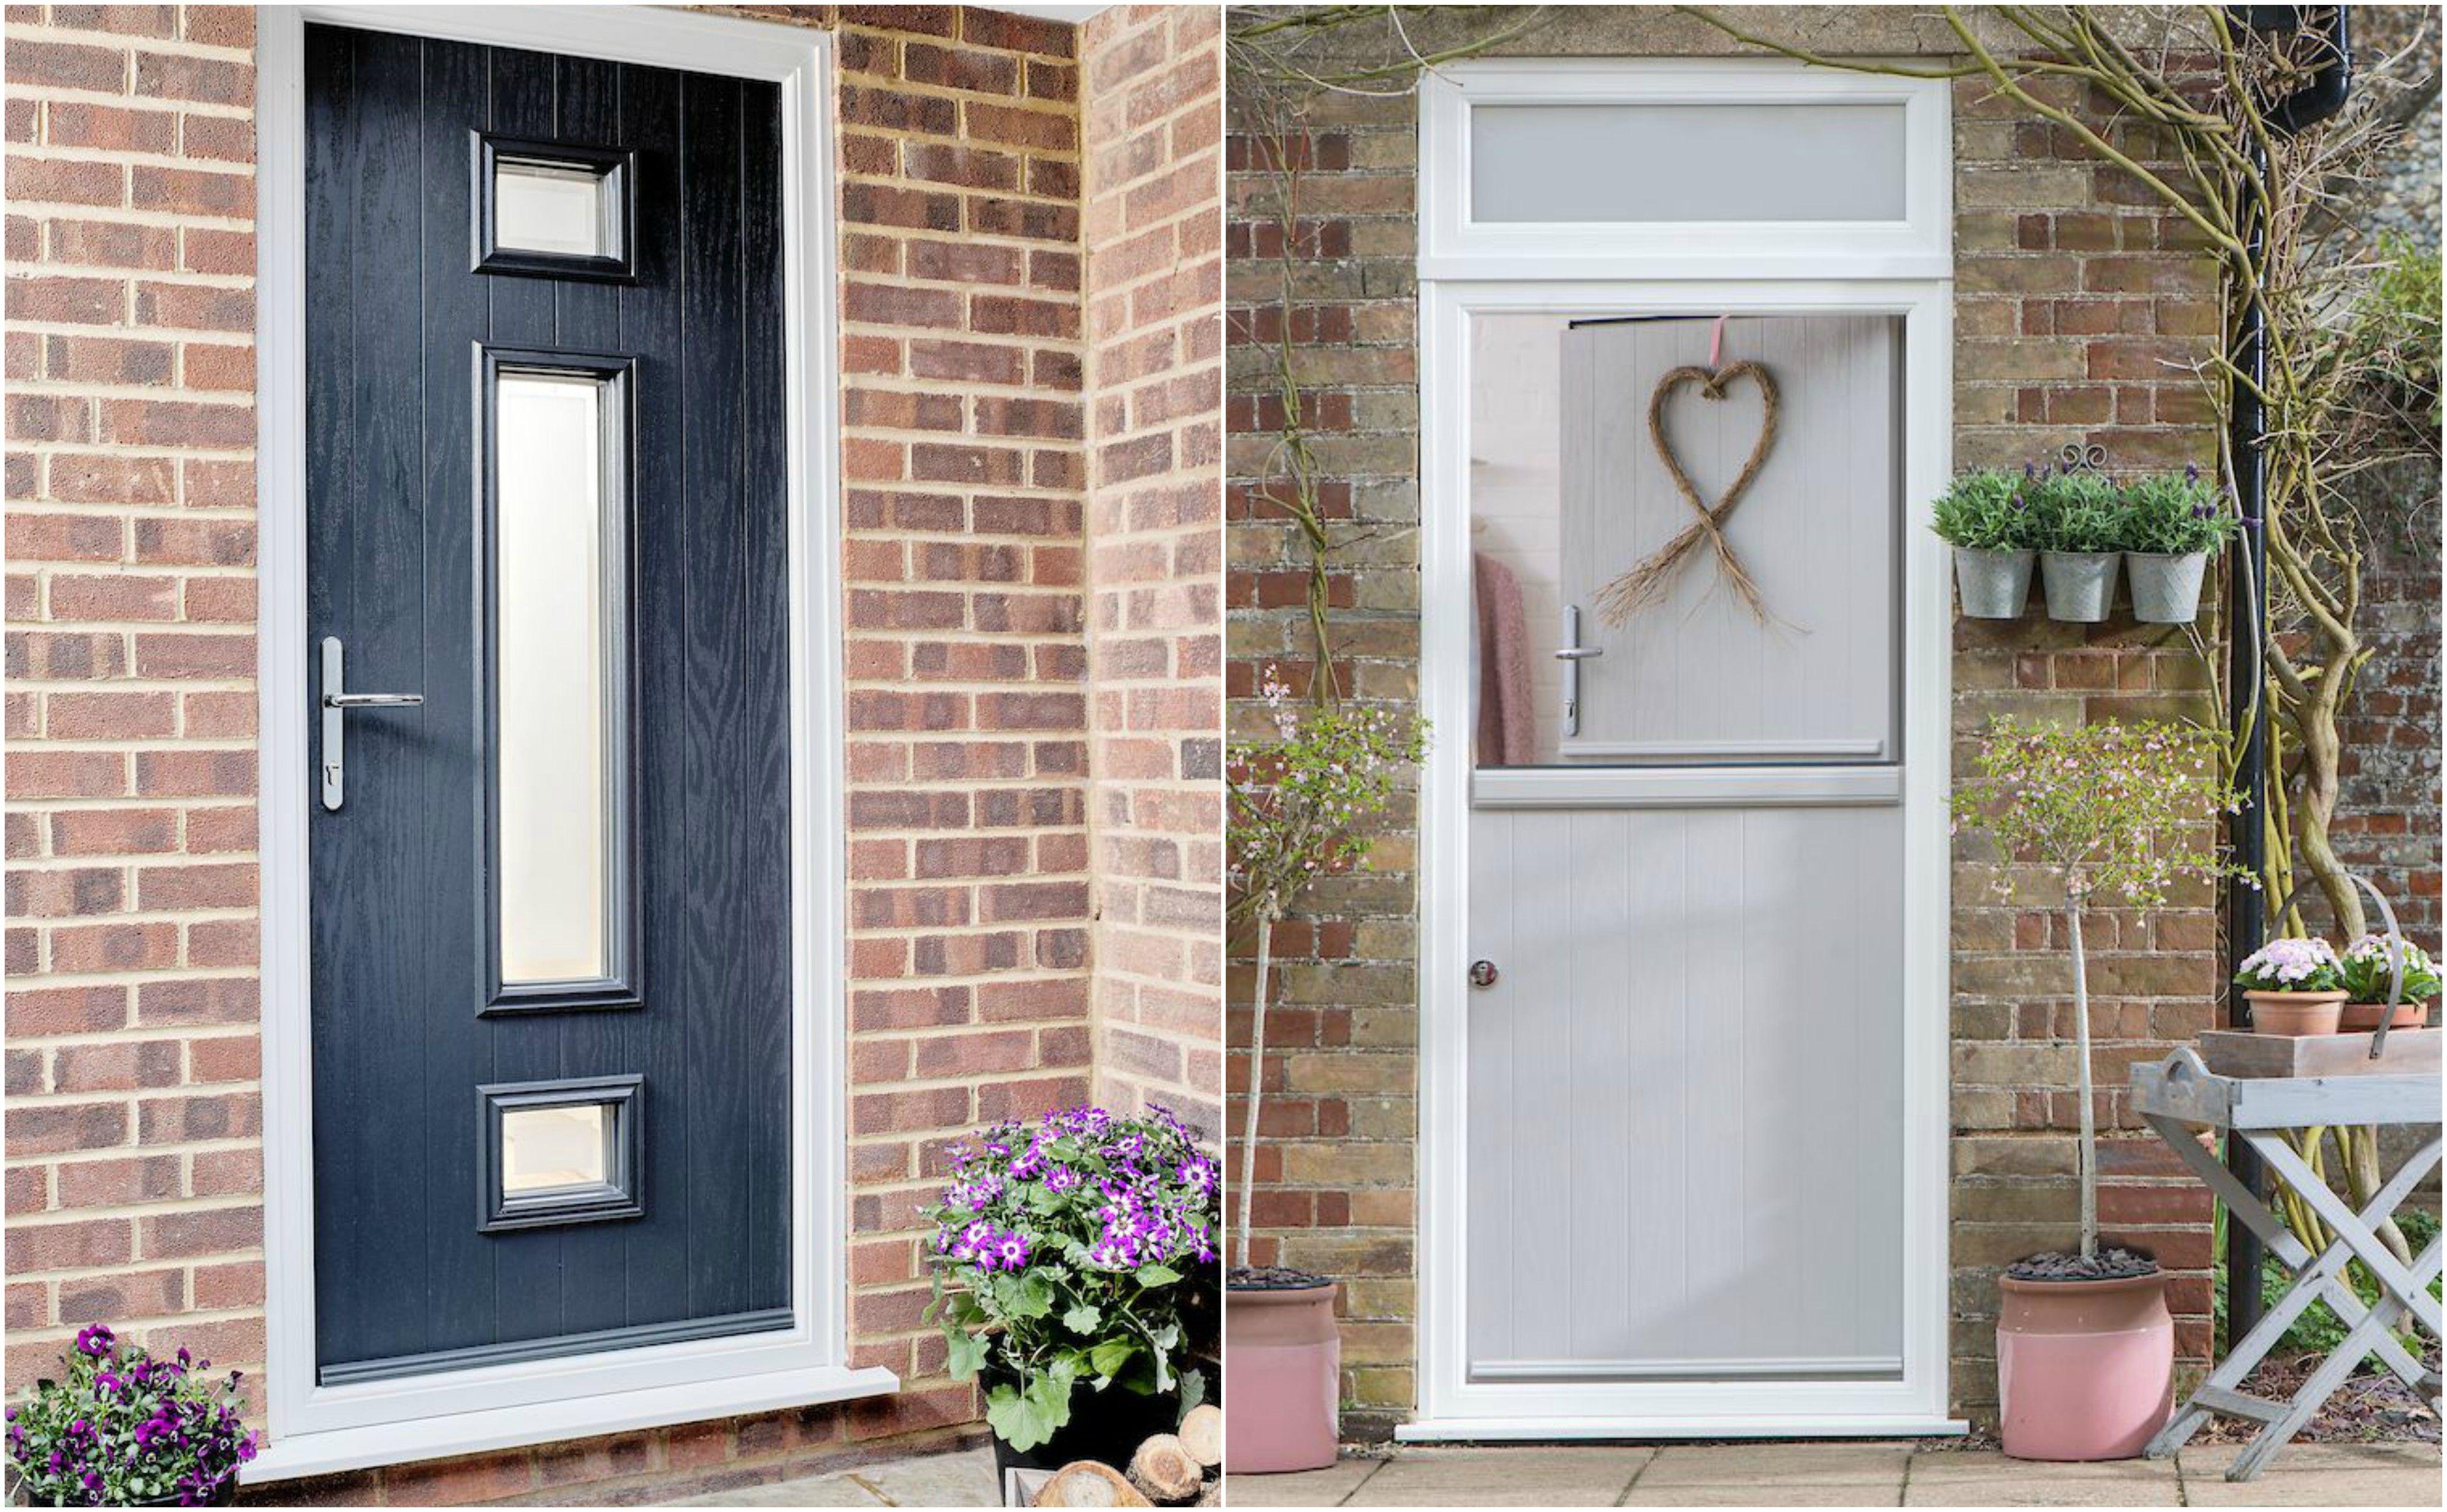 Introducing House Beautifulu0027s new door collection with Everest & House Beautiful Door Collection with Everest - Composite Front Doors